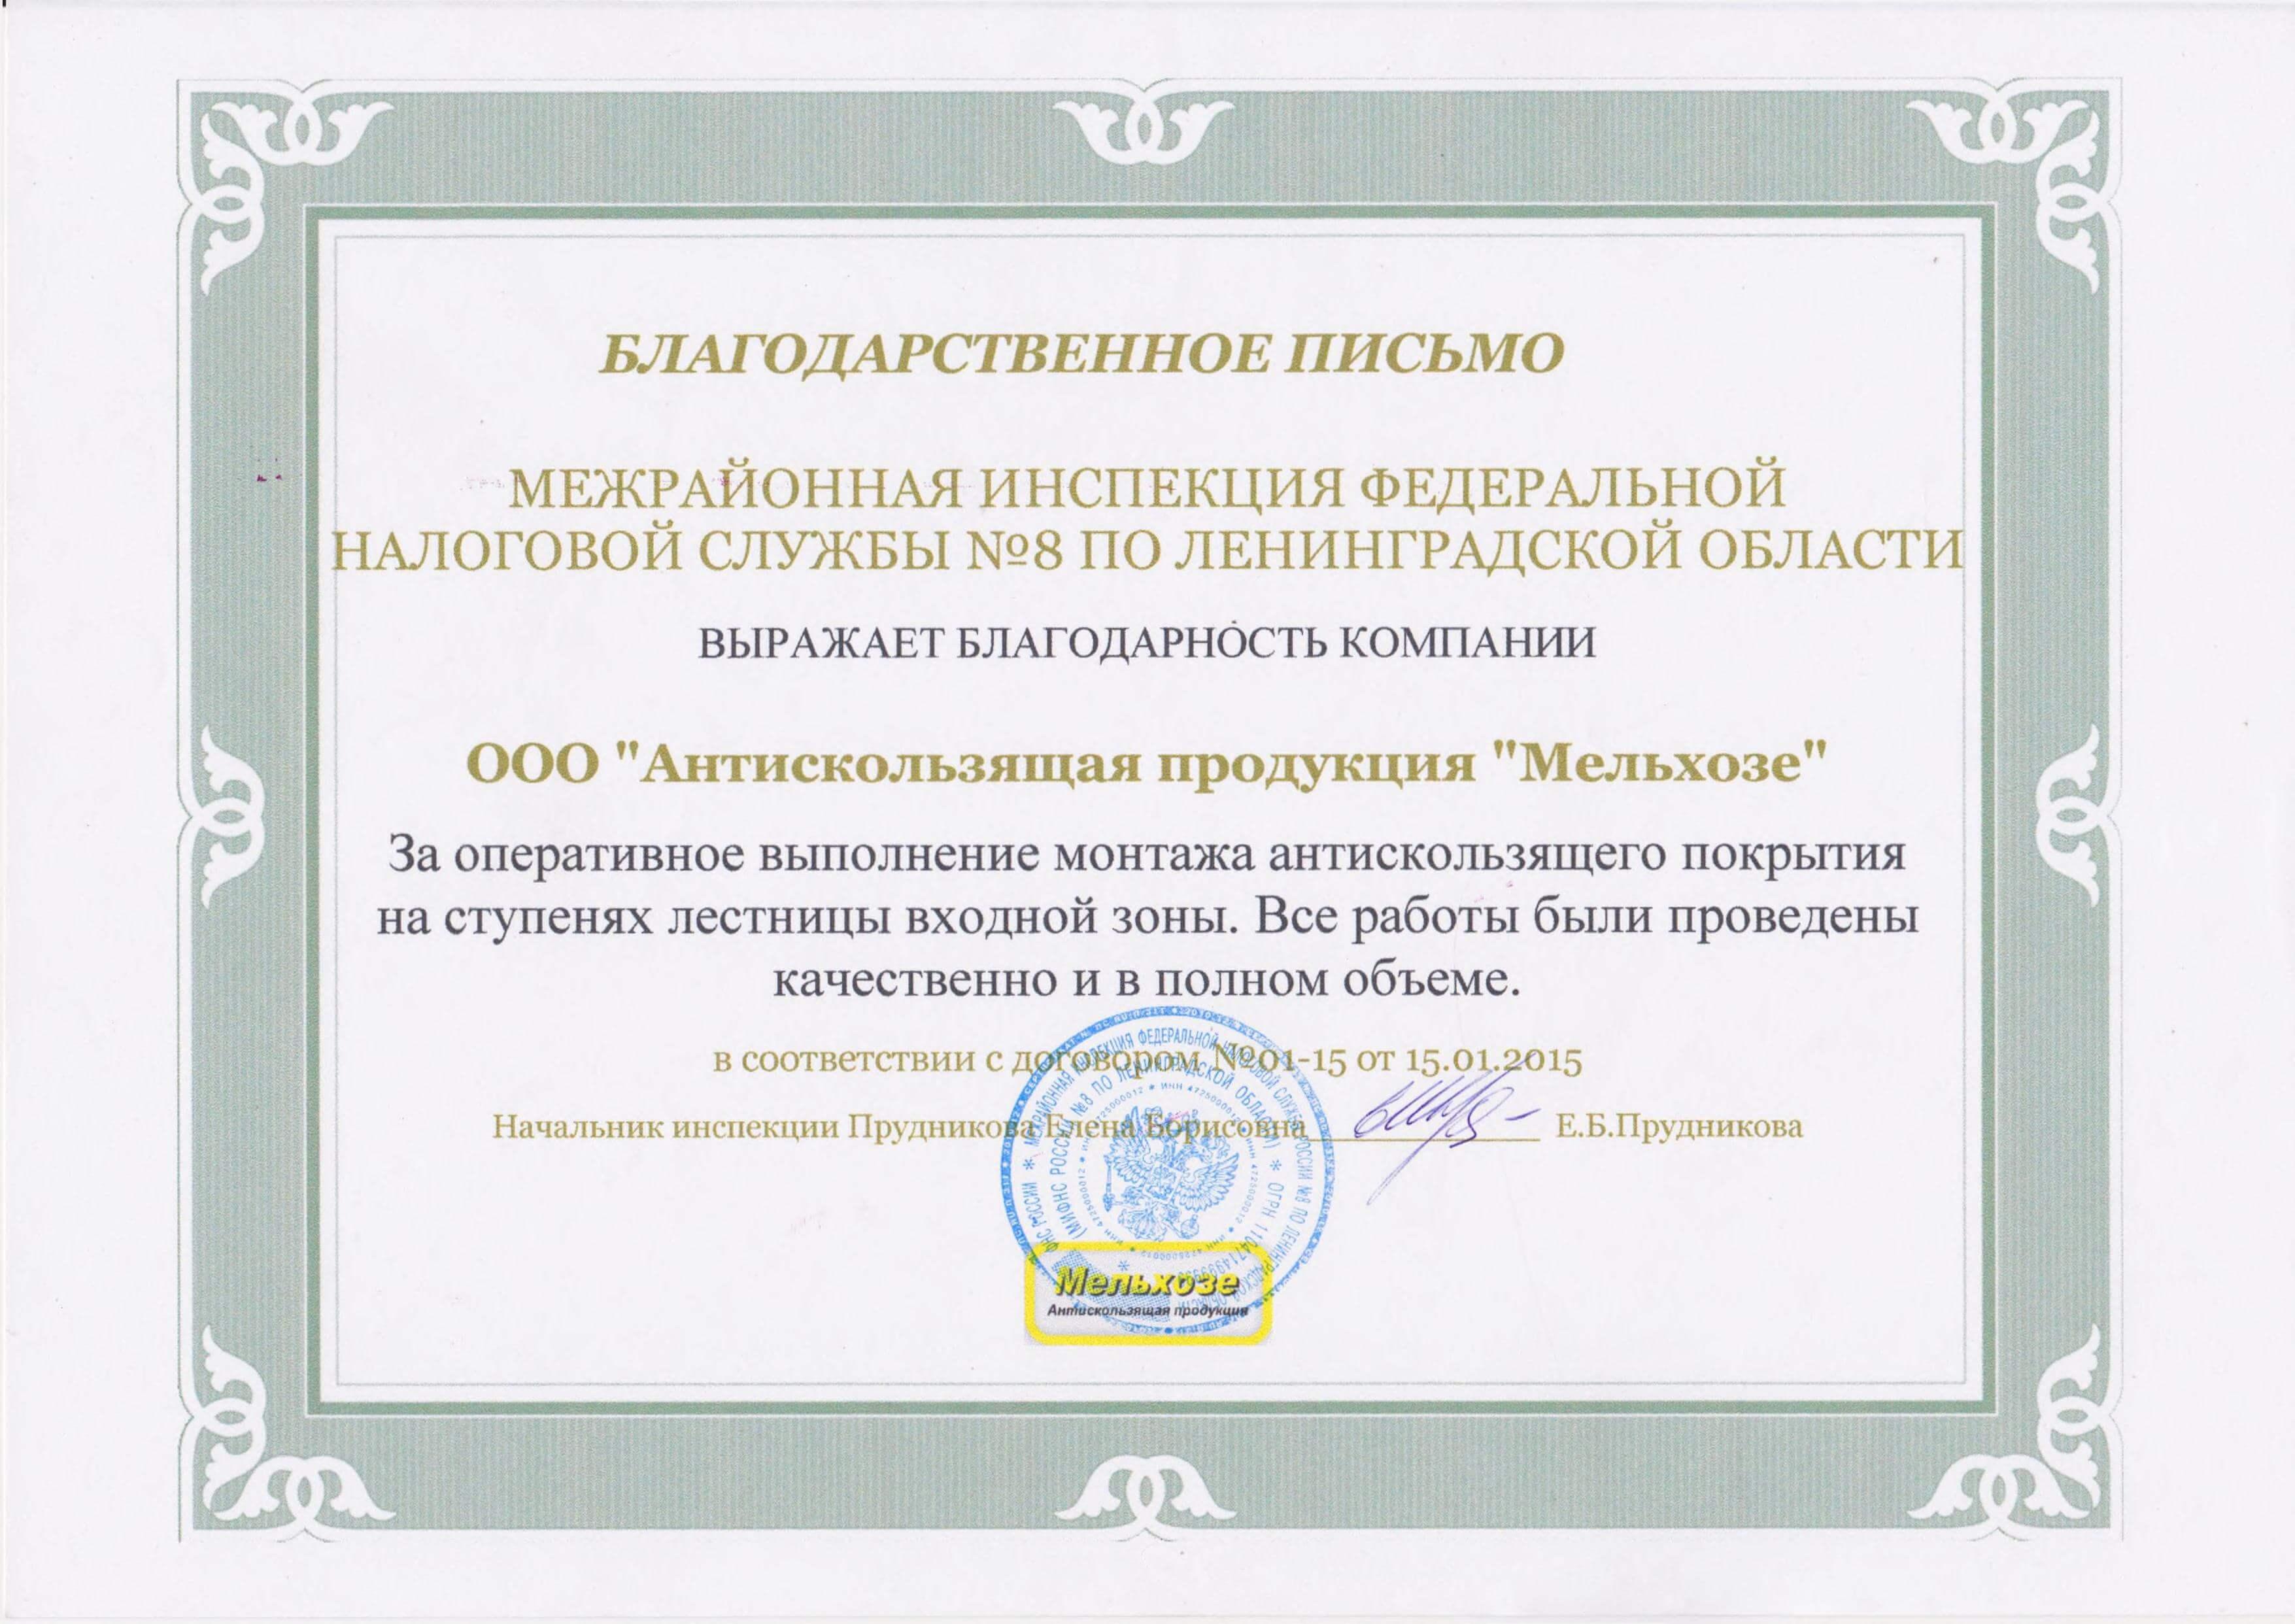 Отзыв – Межрайонная инспекция федеральной налоговой службы №8